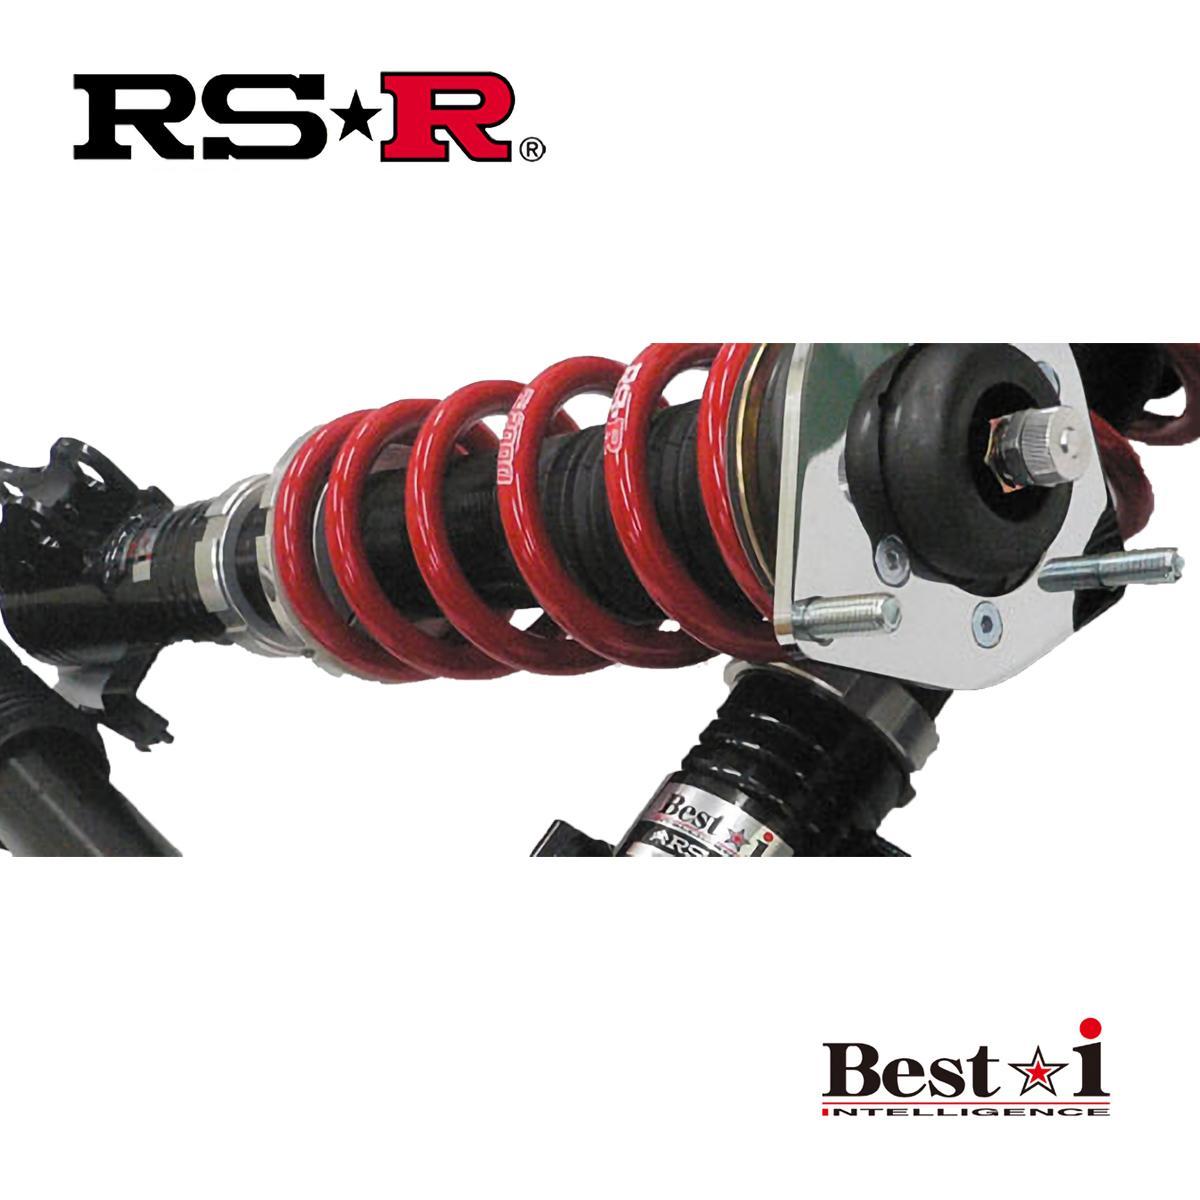 RS-R M2 クーペ ベースグレード F87 1H30 車高調 リア車高調整 ネジ式 BIBM020M RSR ベストi RSR 個人宅発送追金有